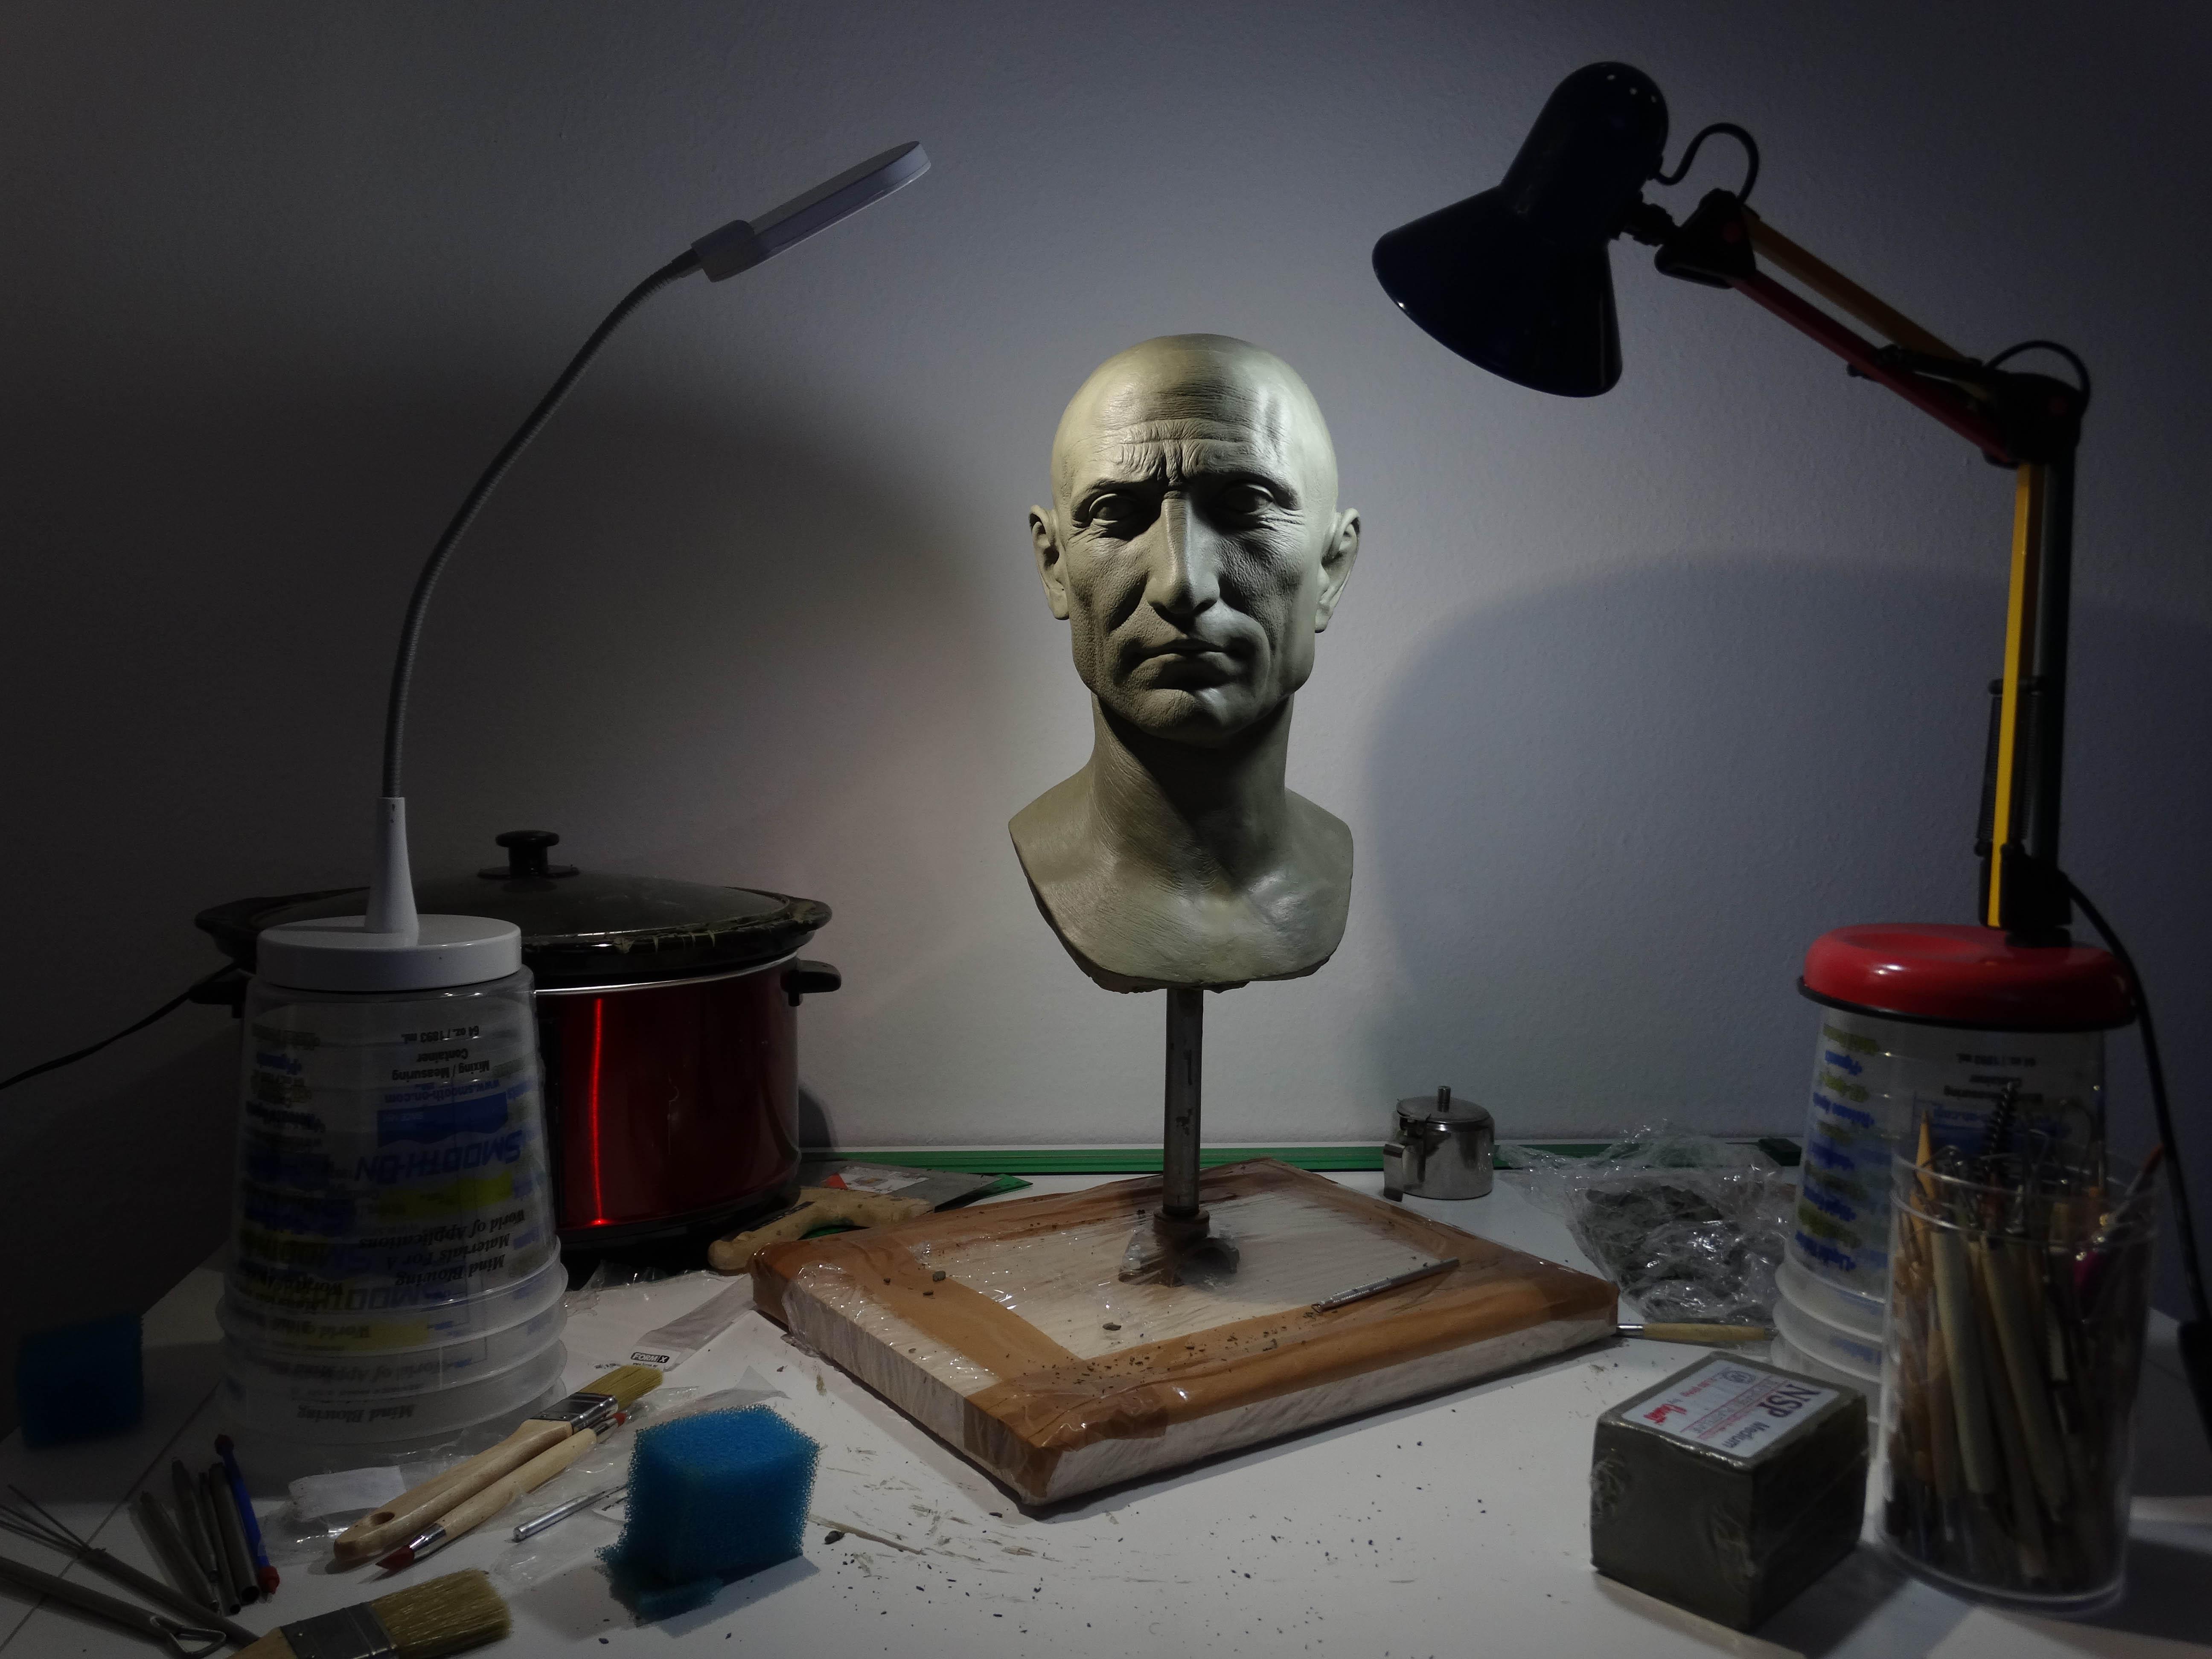 Гай Юлий Цезар е римски пълководец, политически лидер и писател, и една от най-влиятелните личности в световната история. Цезар изиграва важна роля в трансформацията на Римската република в принципат.